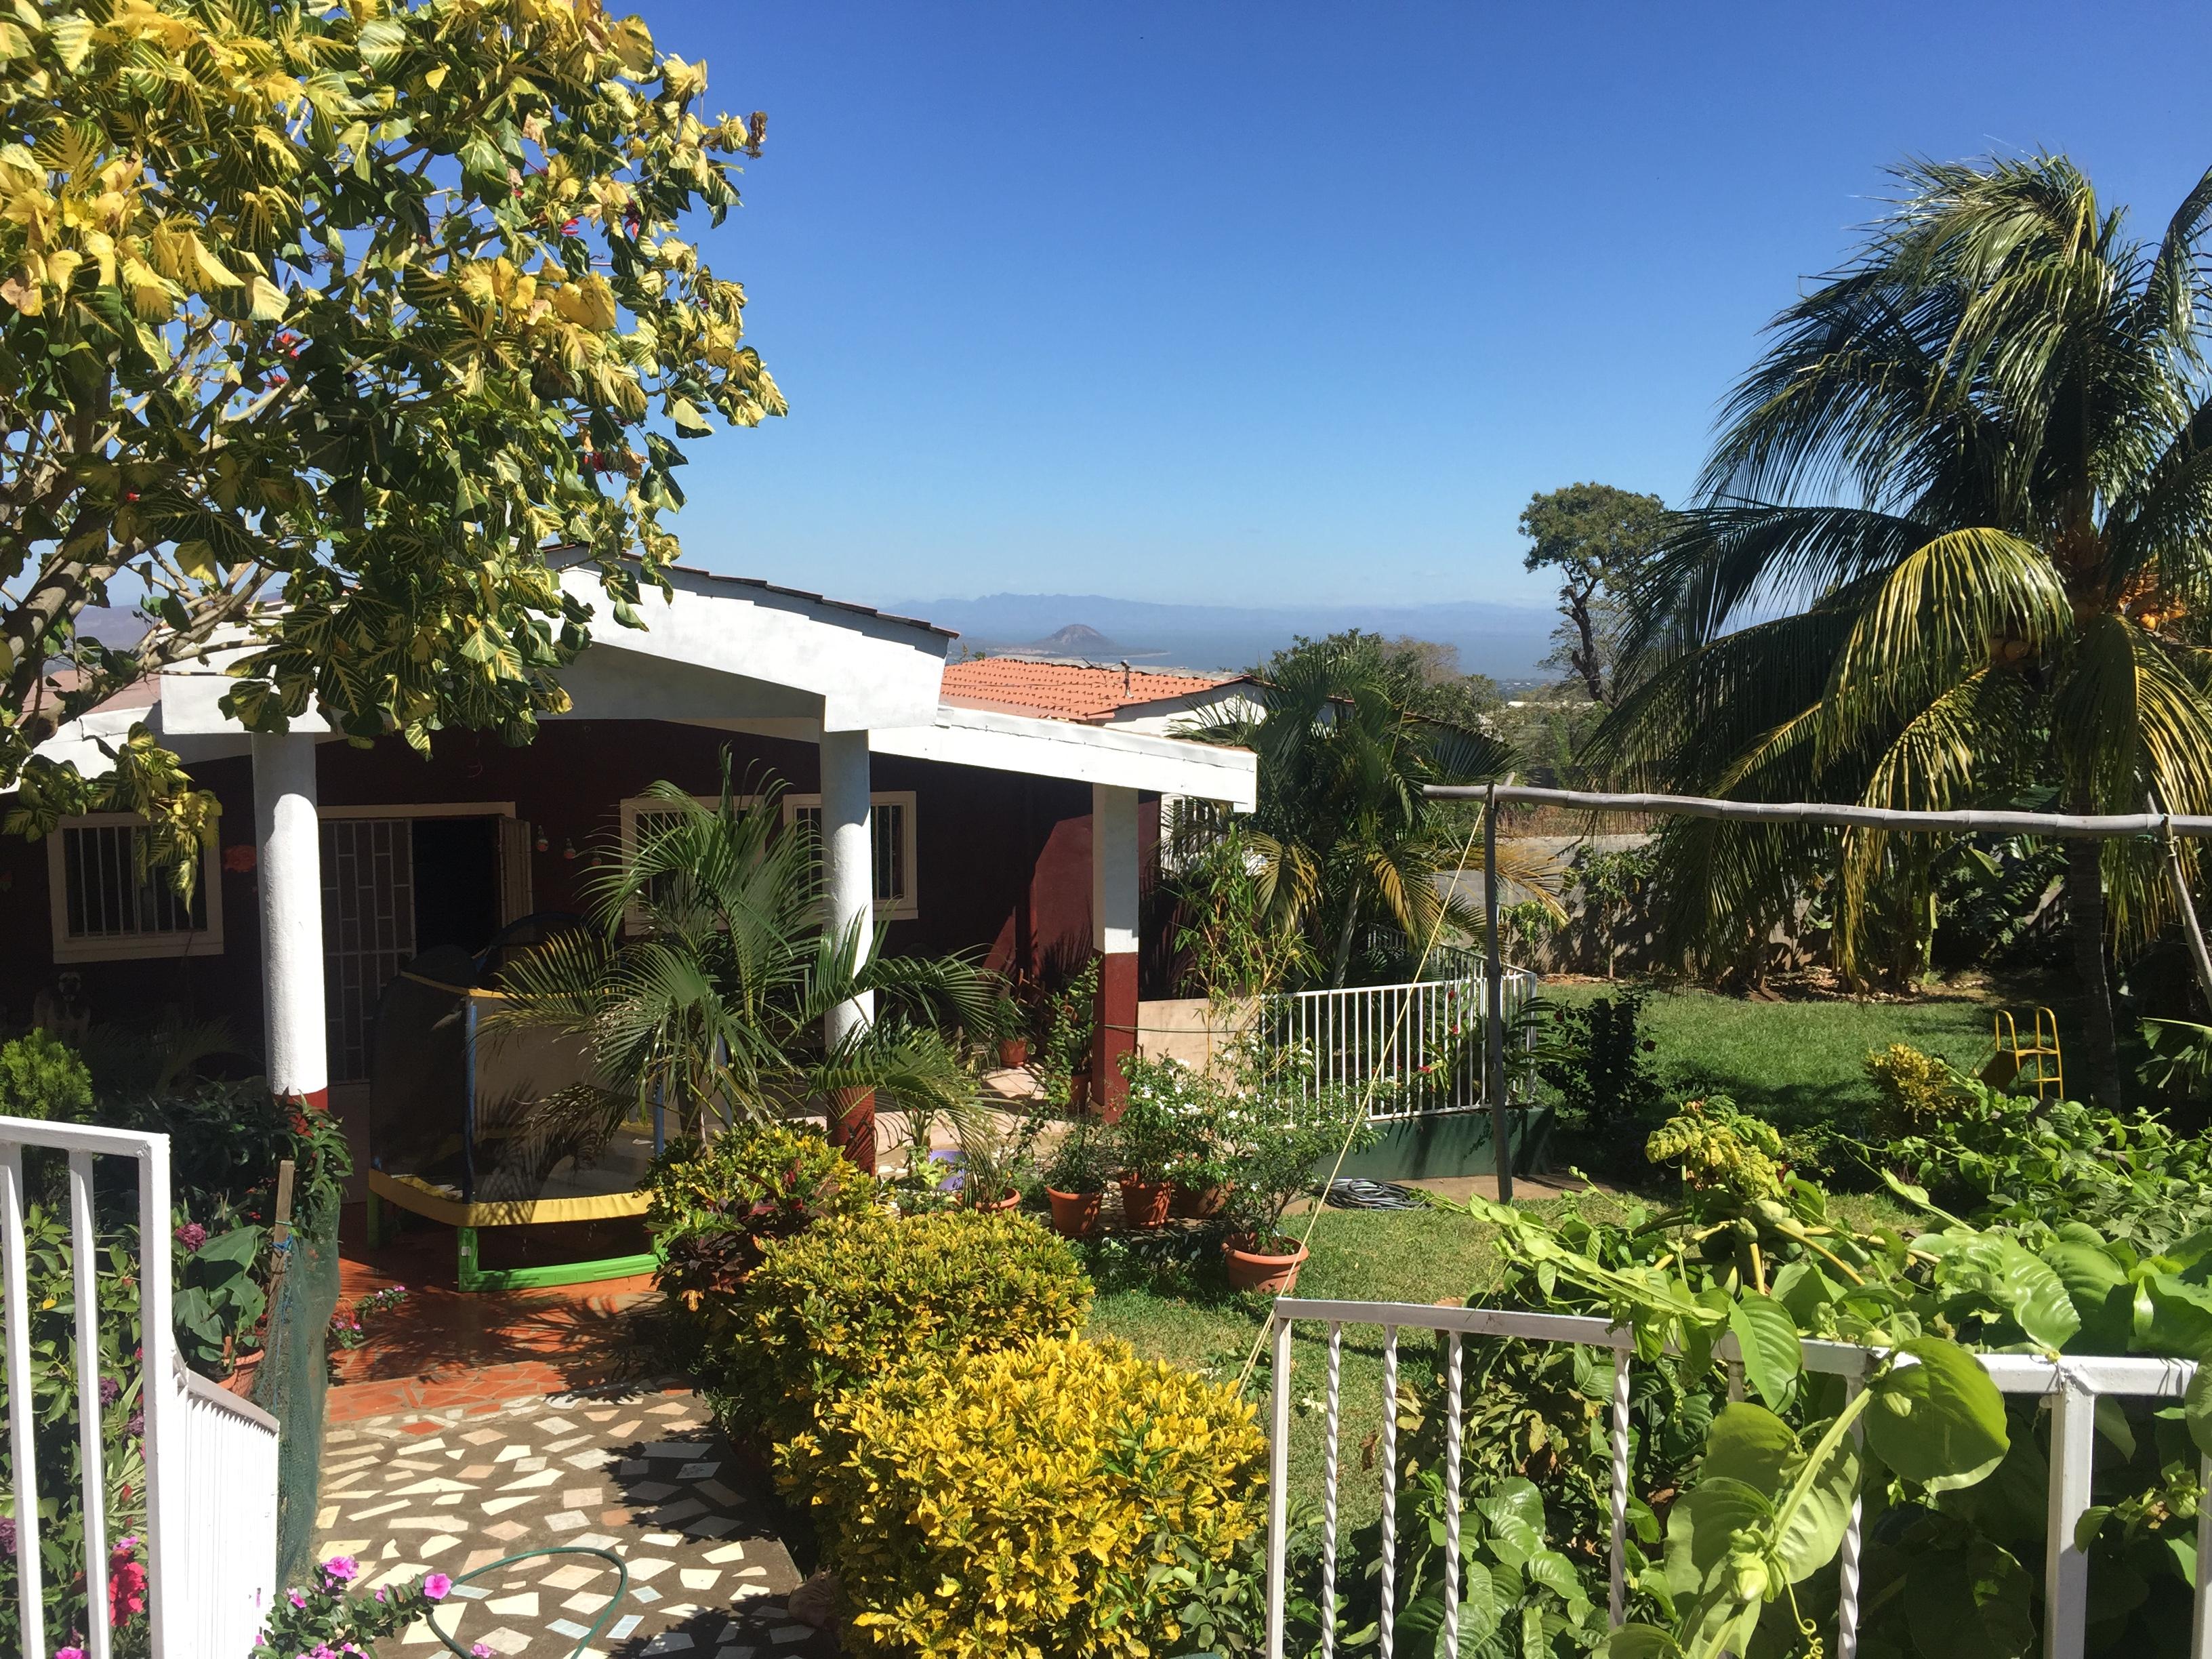 Casa con amplio terreno y vista al lago en venta casanica - Casa con terreno ...